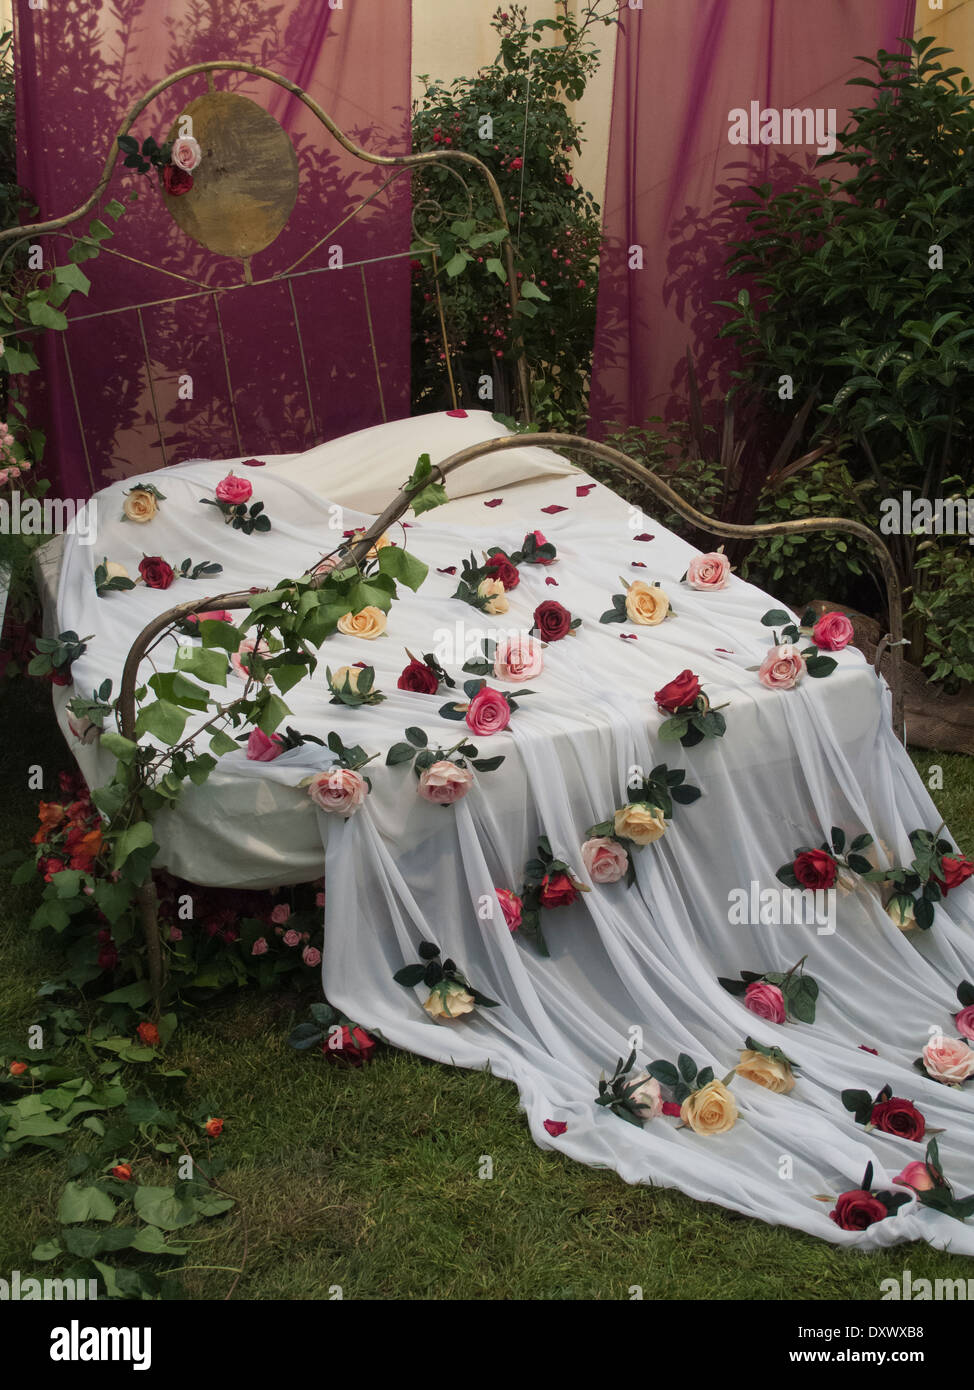 Bett im romantischen Stil mit Bettwäsche und Rosenblätter in Ausstellung Display, Spanien Stockbild